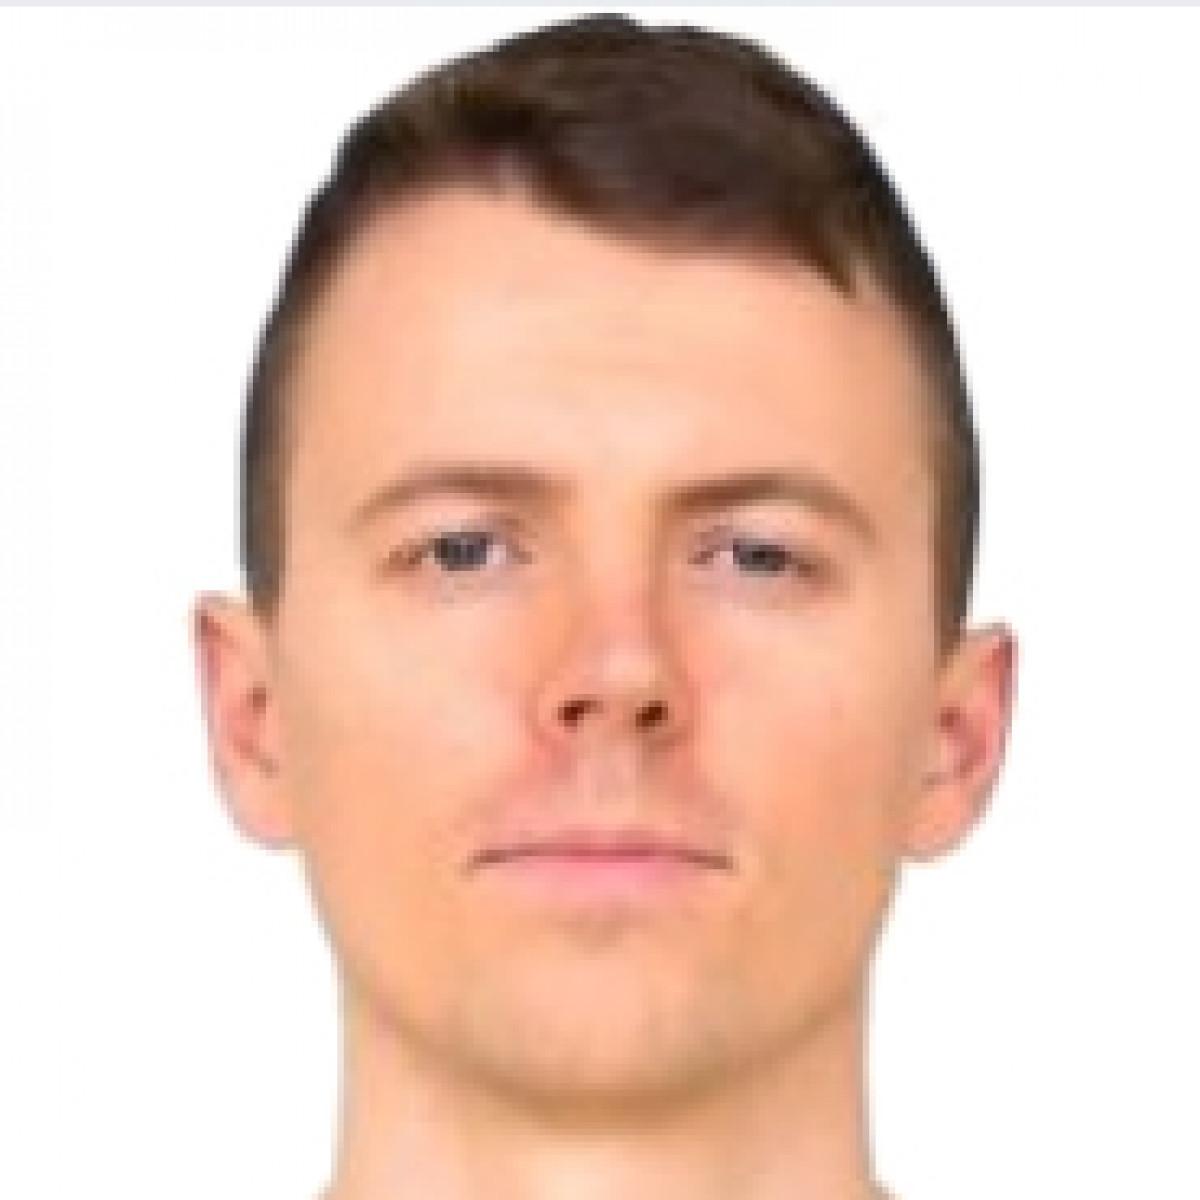 Krzysztof Jakobczyk